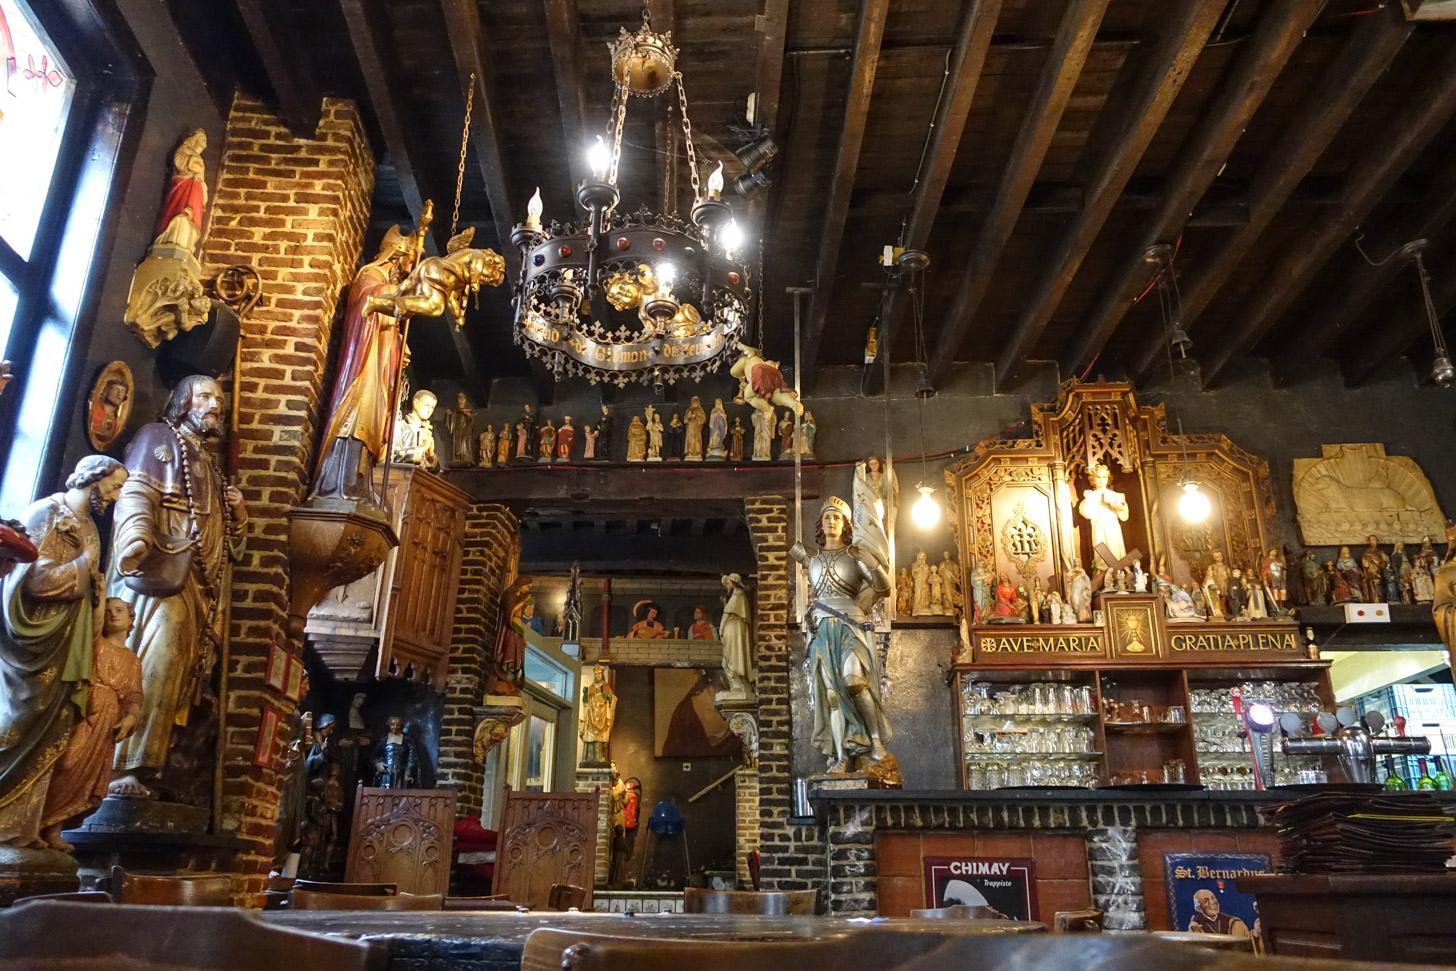 Bar Het Elfde Gebod